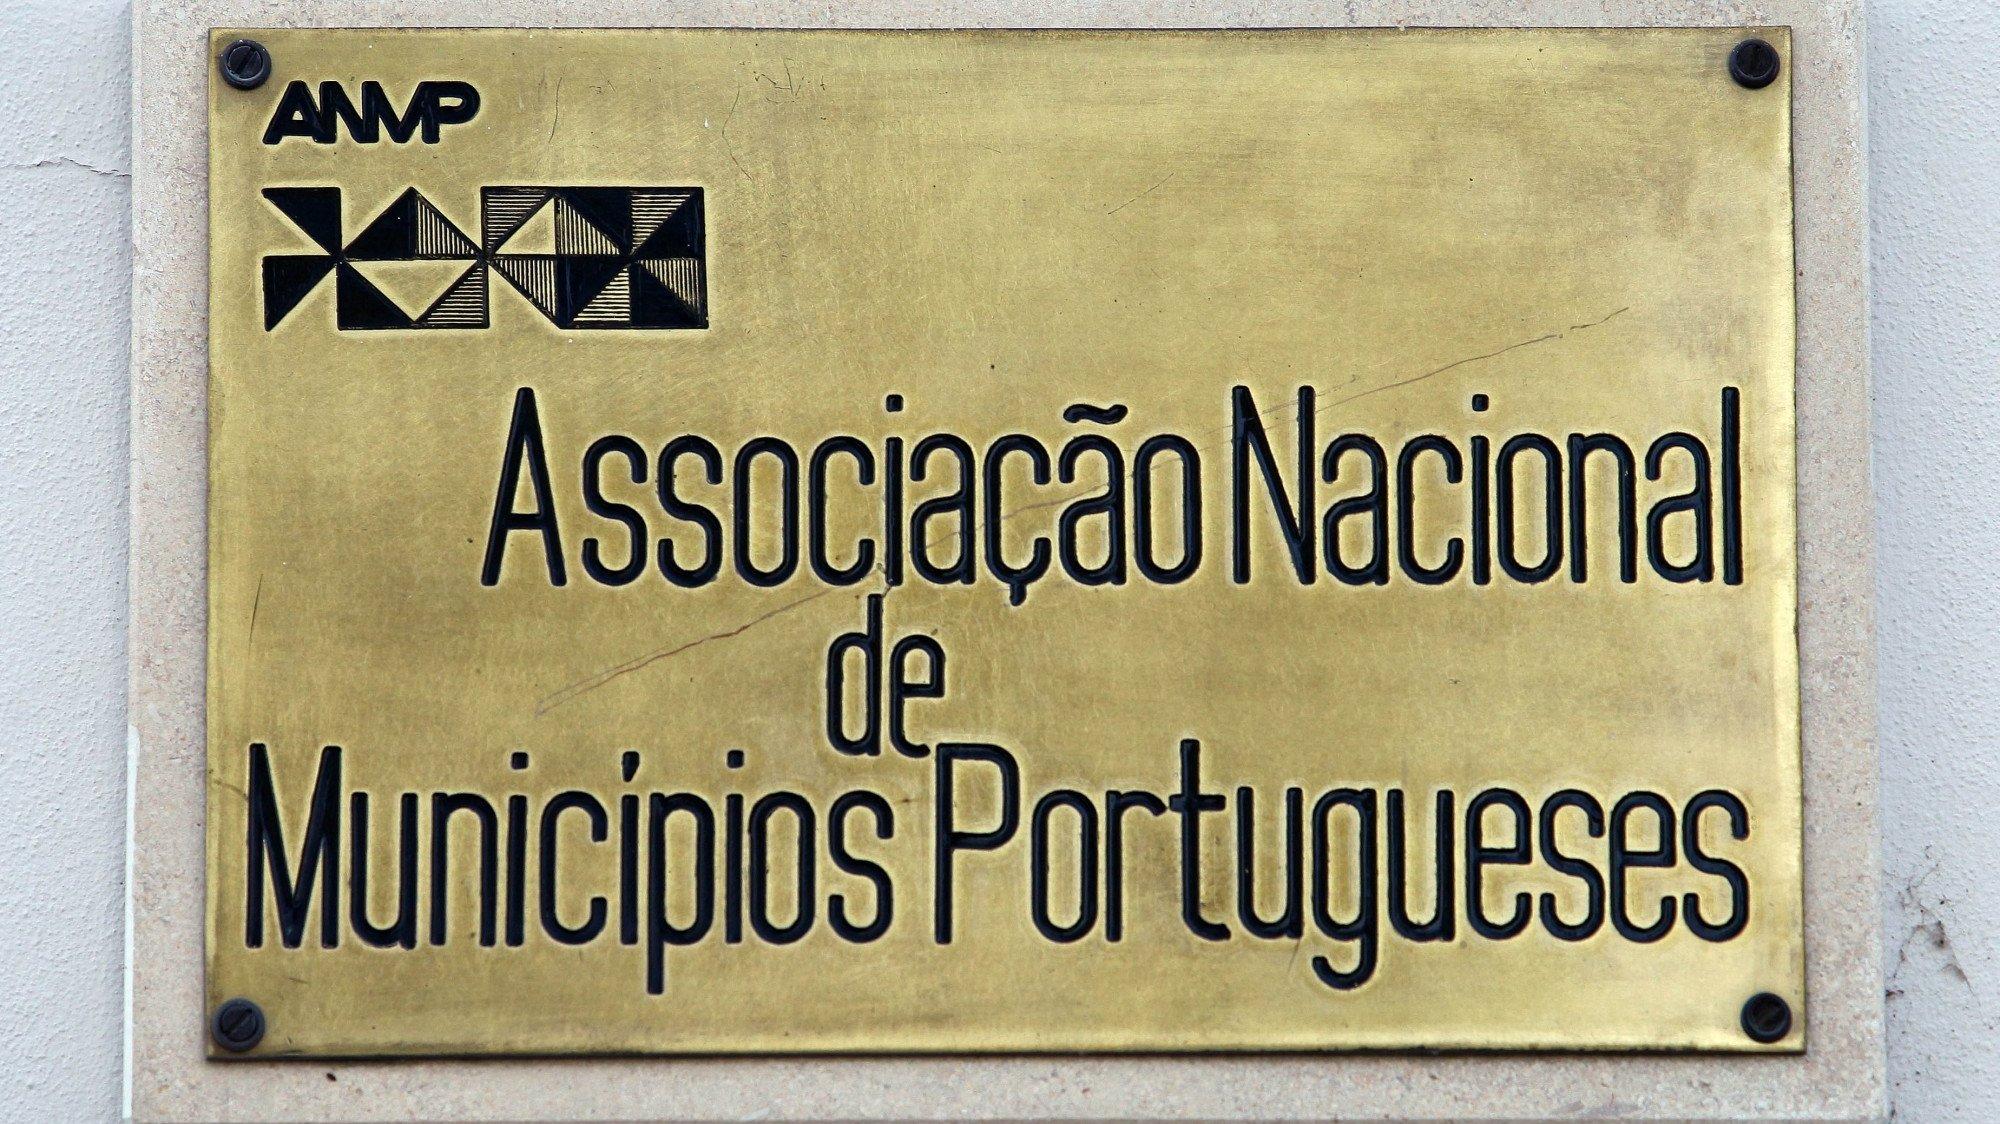 Coimbra: Associação Nacional de Municípios Portugueses